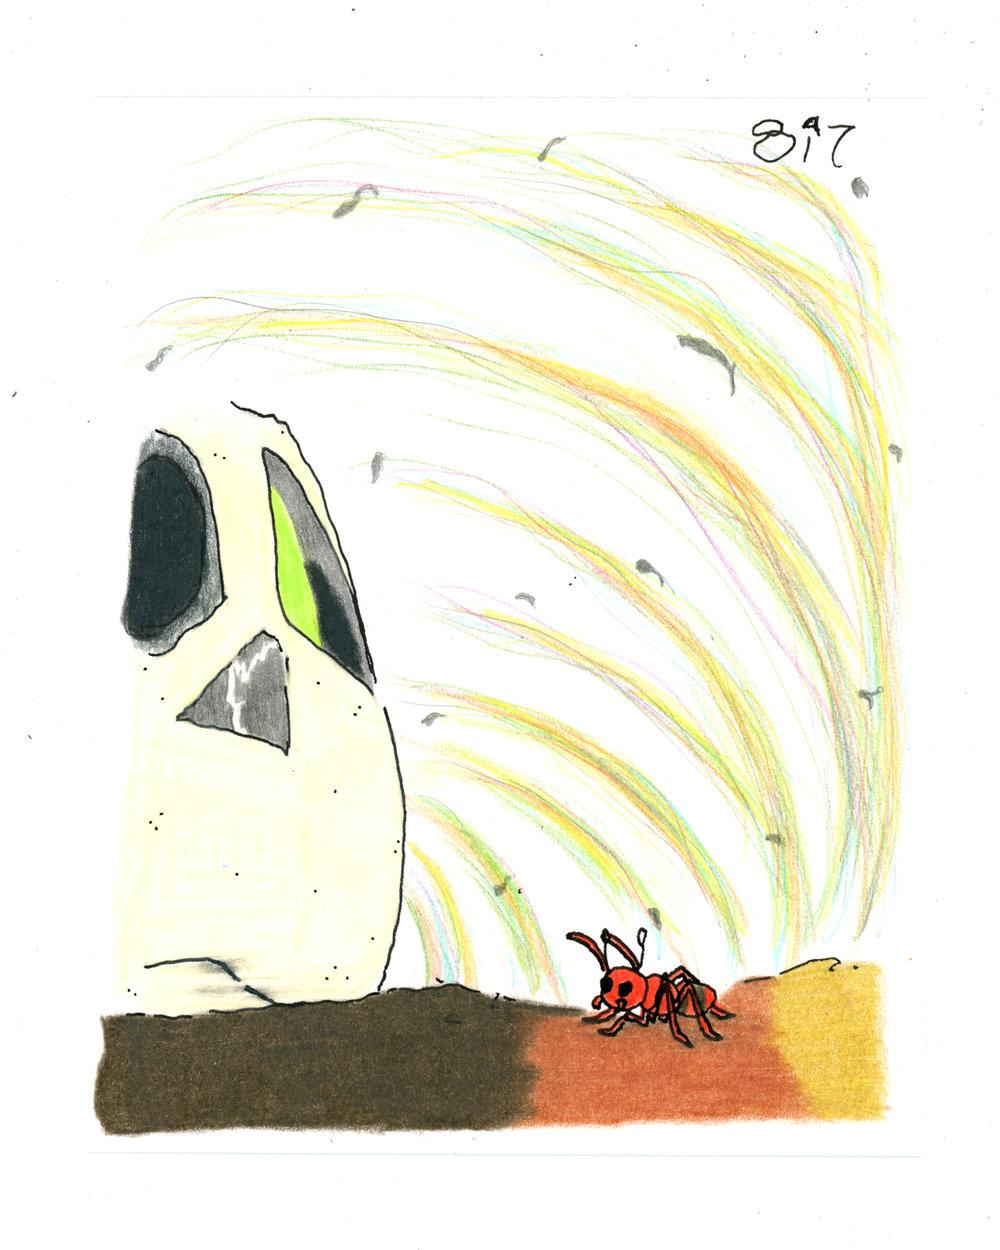 Ant-Skull_tumblr.jpg